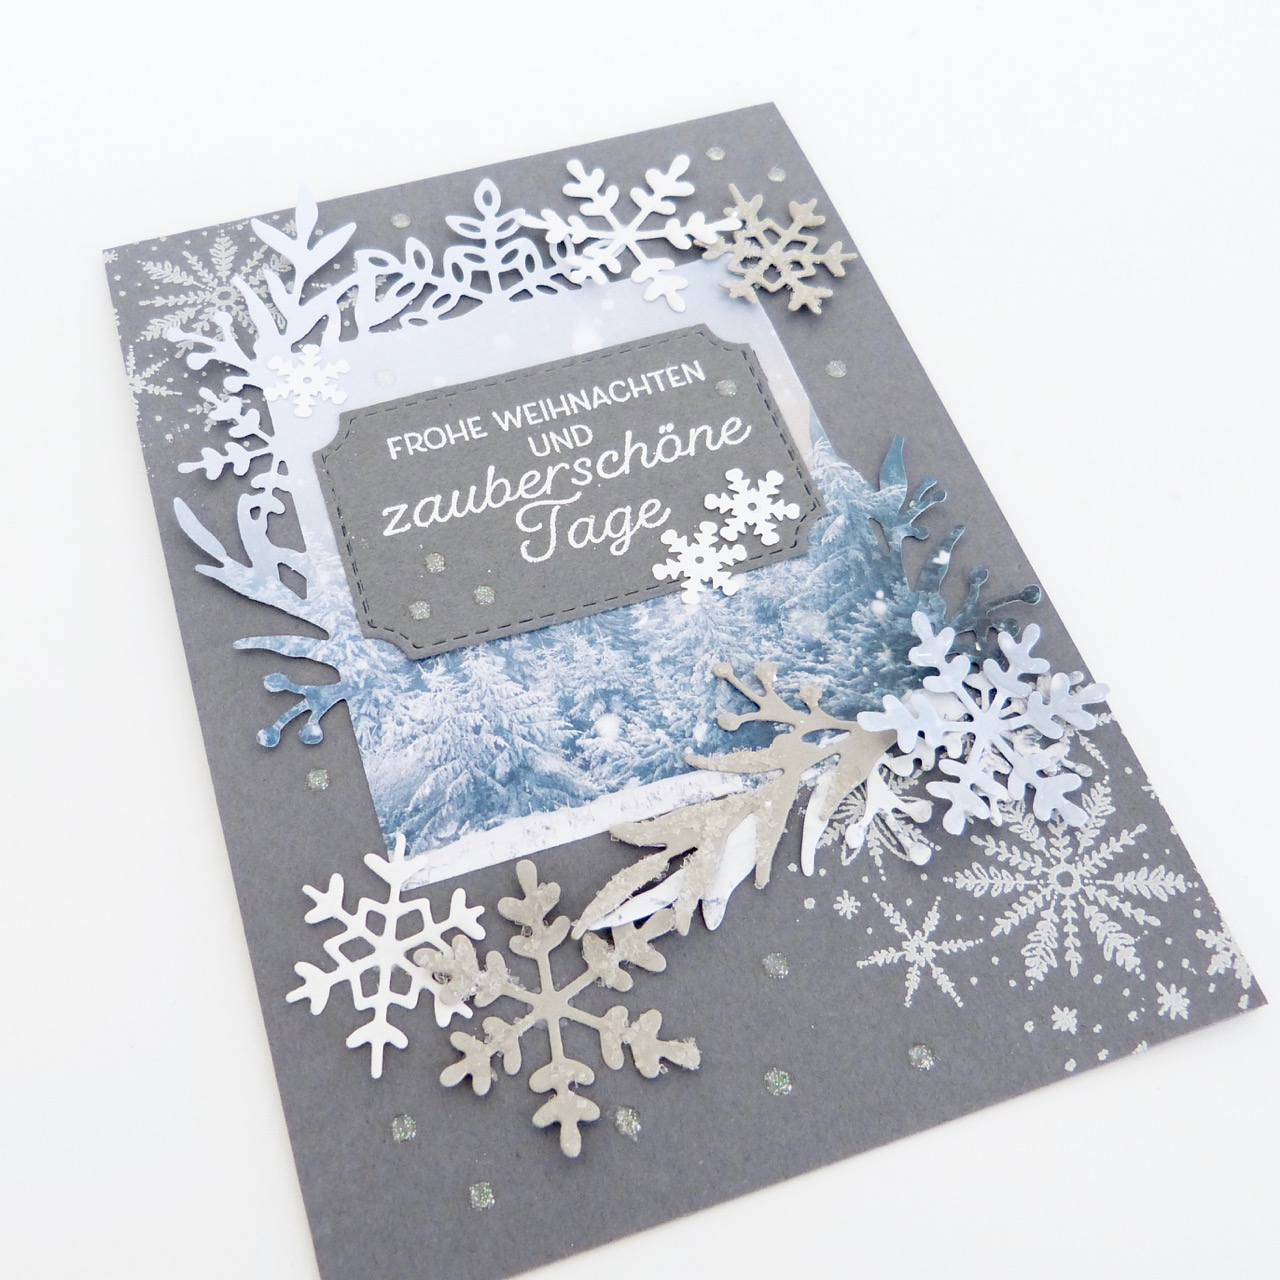 Zauberschöne Weihnachtskarten